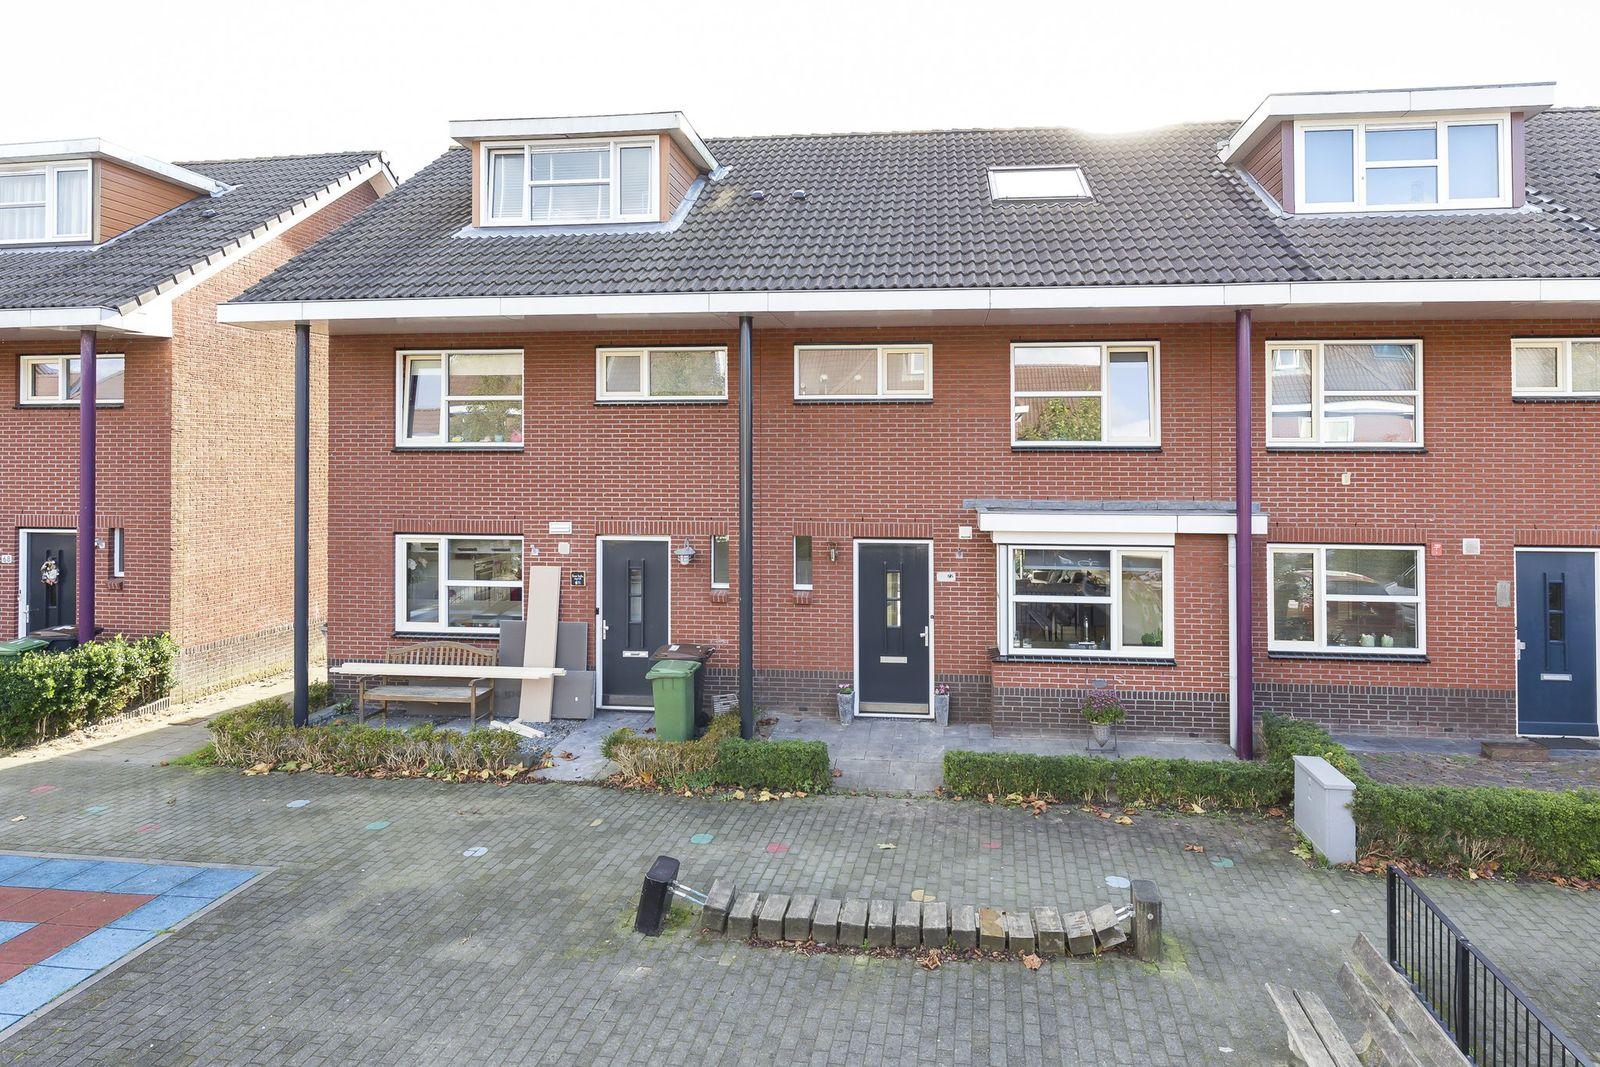 Rodelindalaan 72, Nieuw-vennep